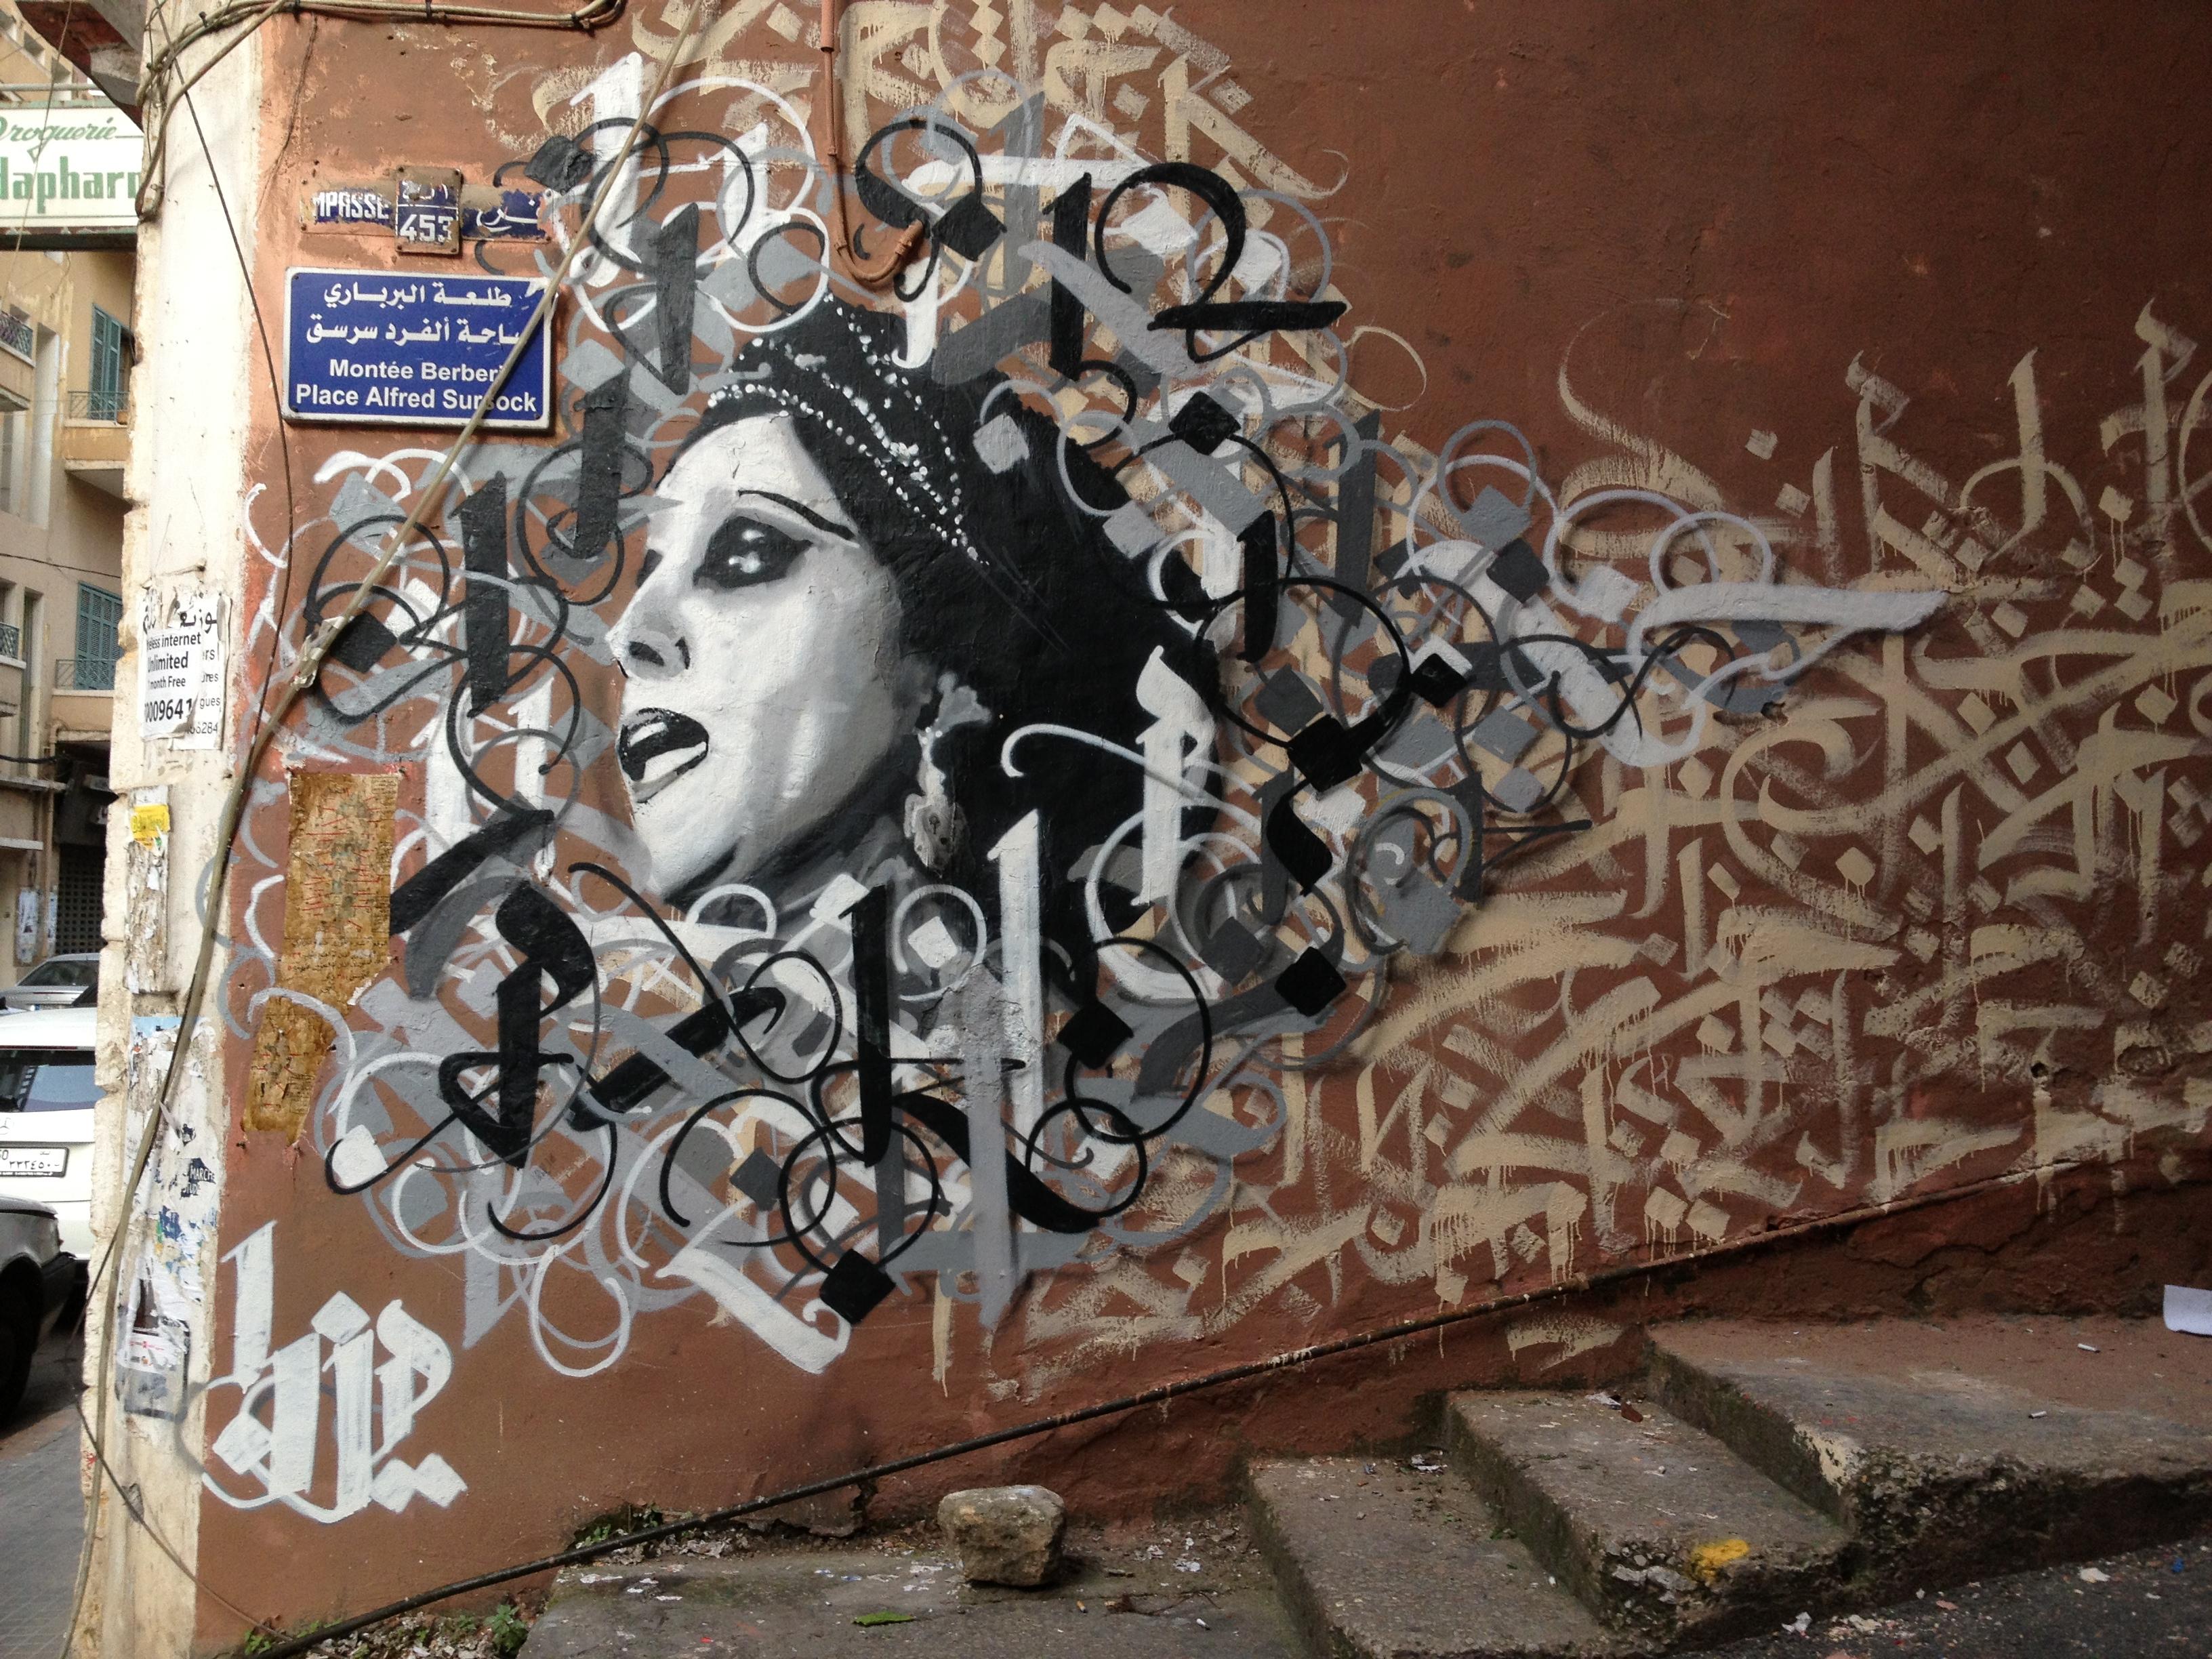 Graffiti in Gemmayzeh, Beirut (c) Bente Scheller